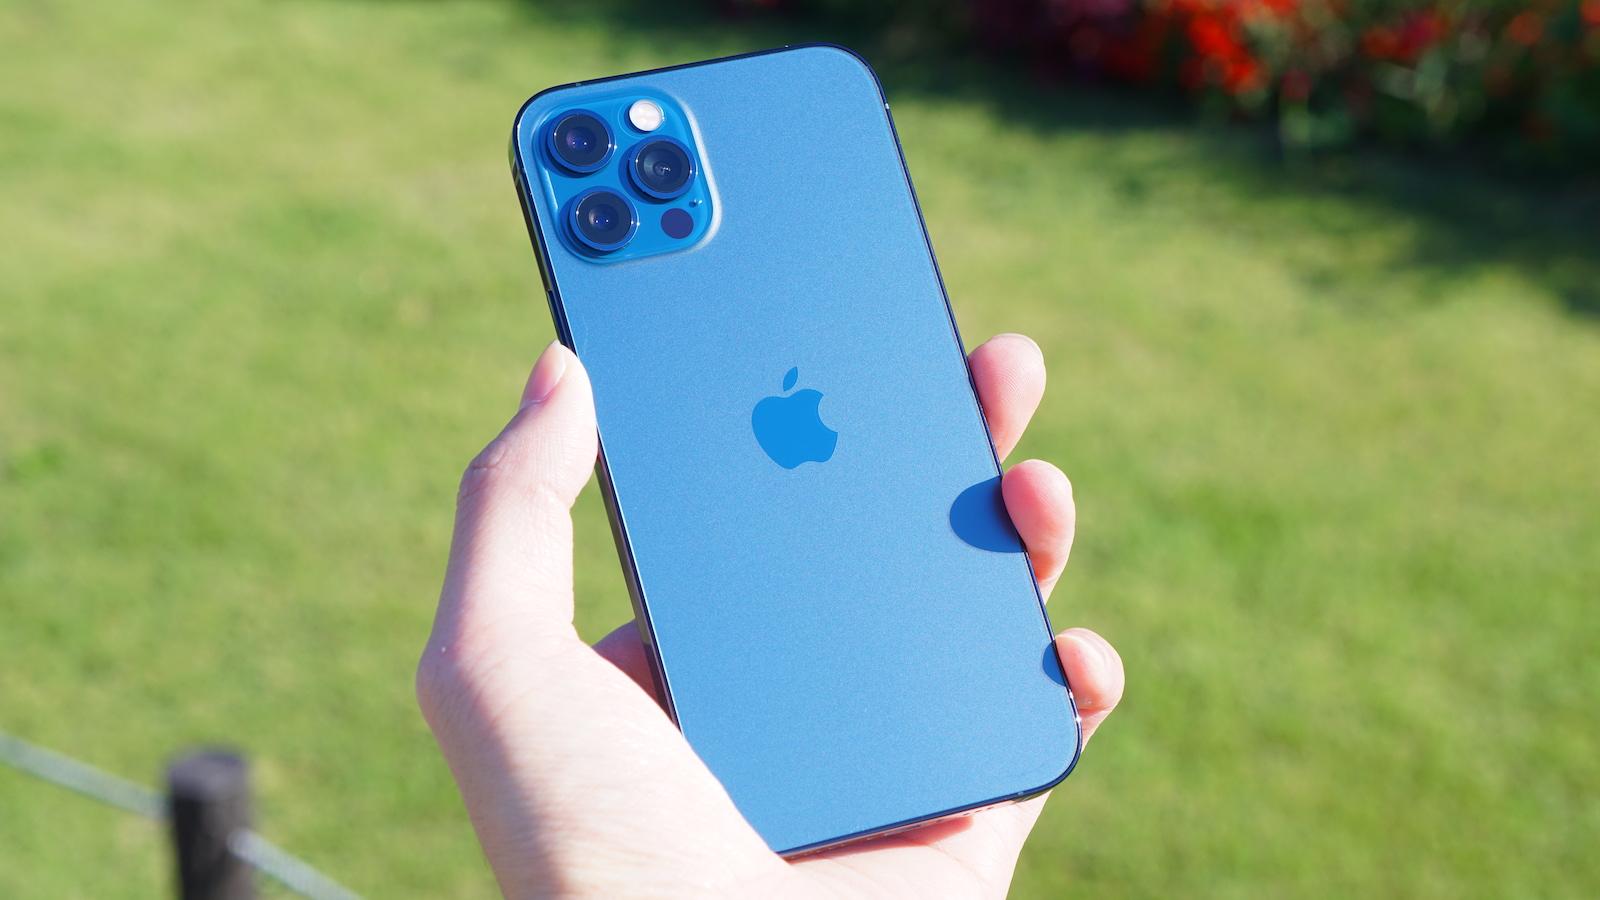 au、オンラインでiPhone 12/Proを最大2万円引き。負担金3.3万円から